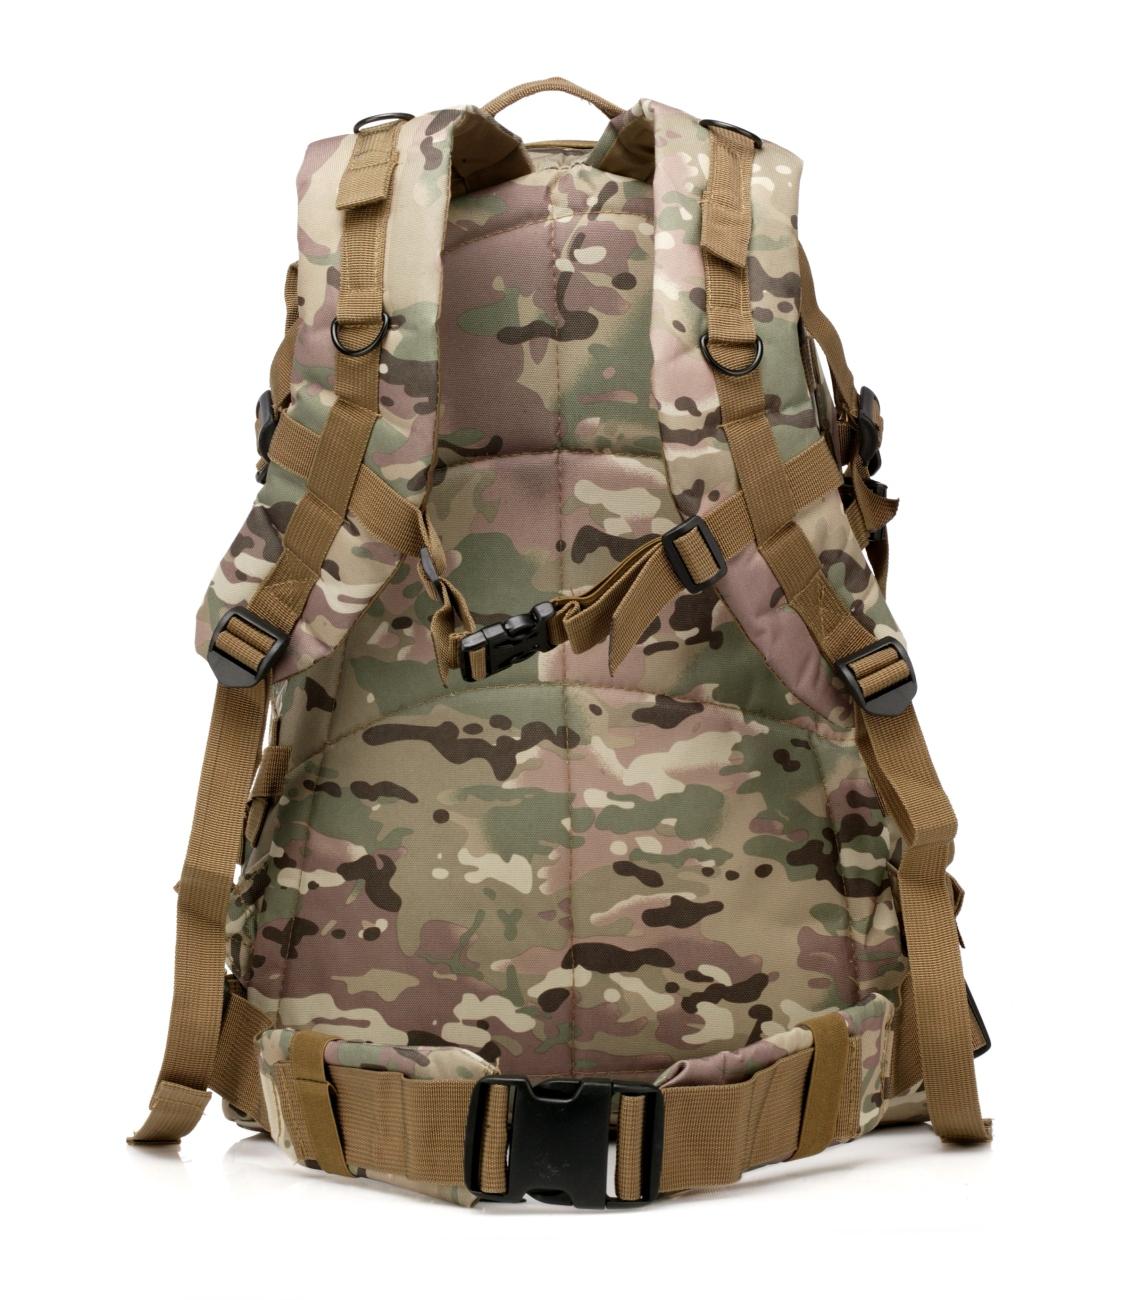 Удобный рюкзак для путешествий и походов с доставкой